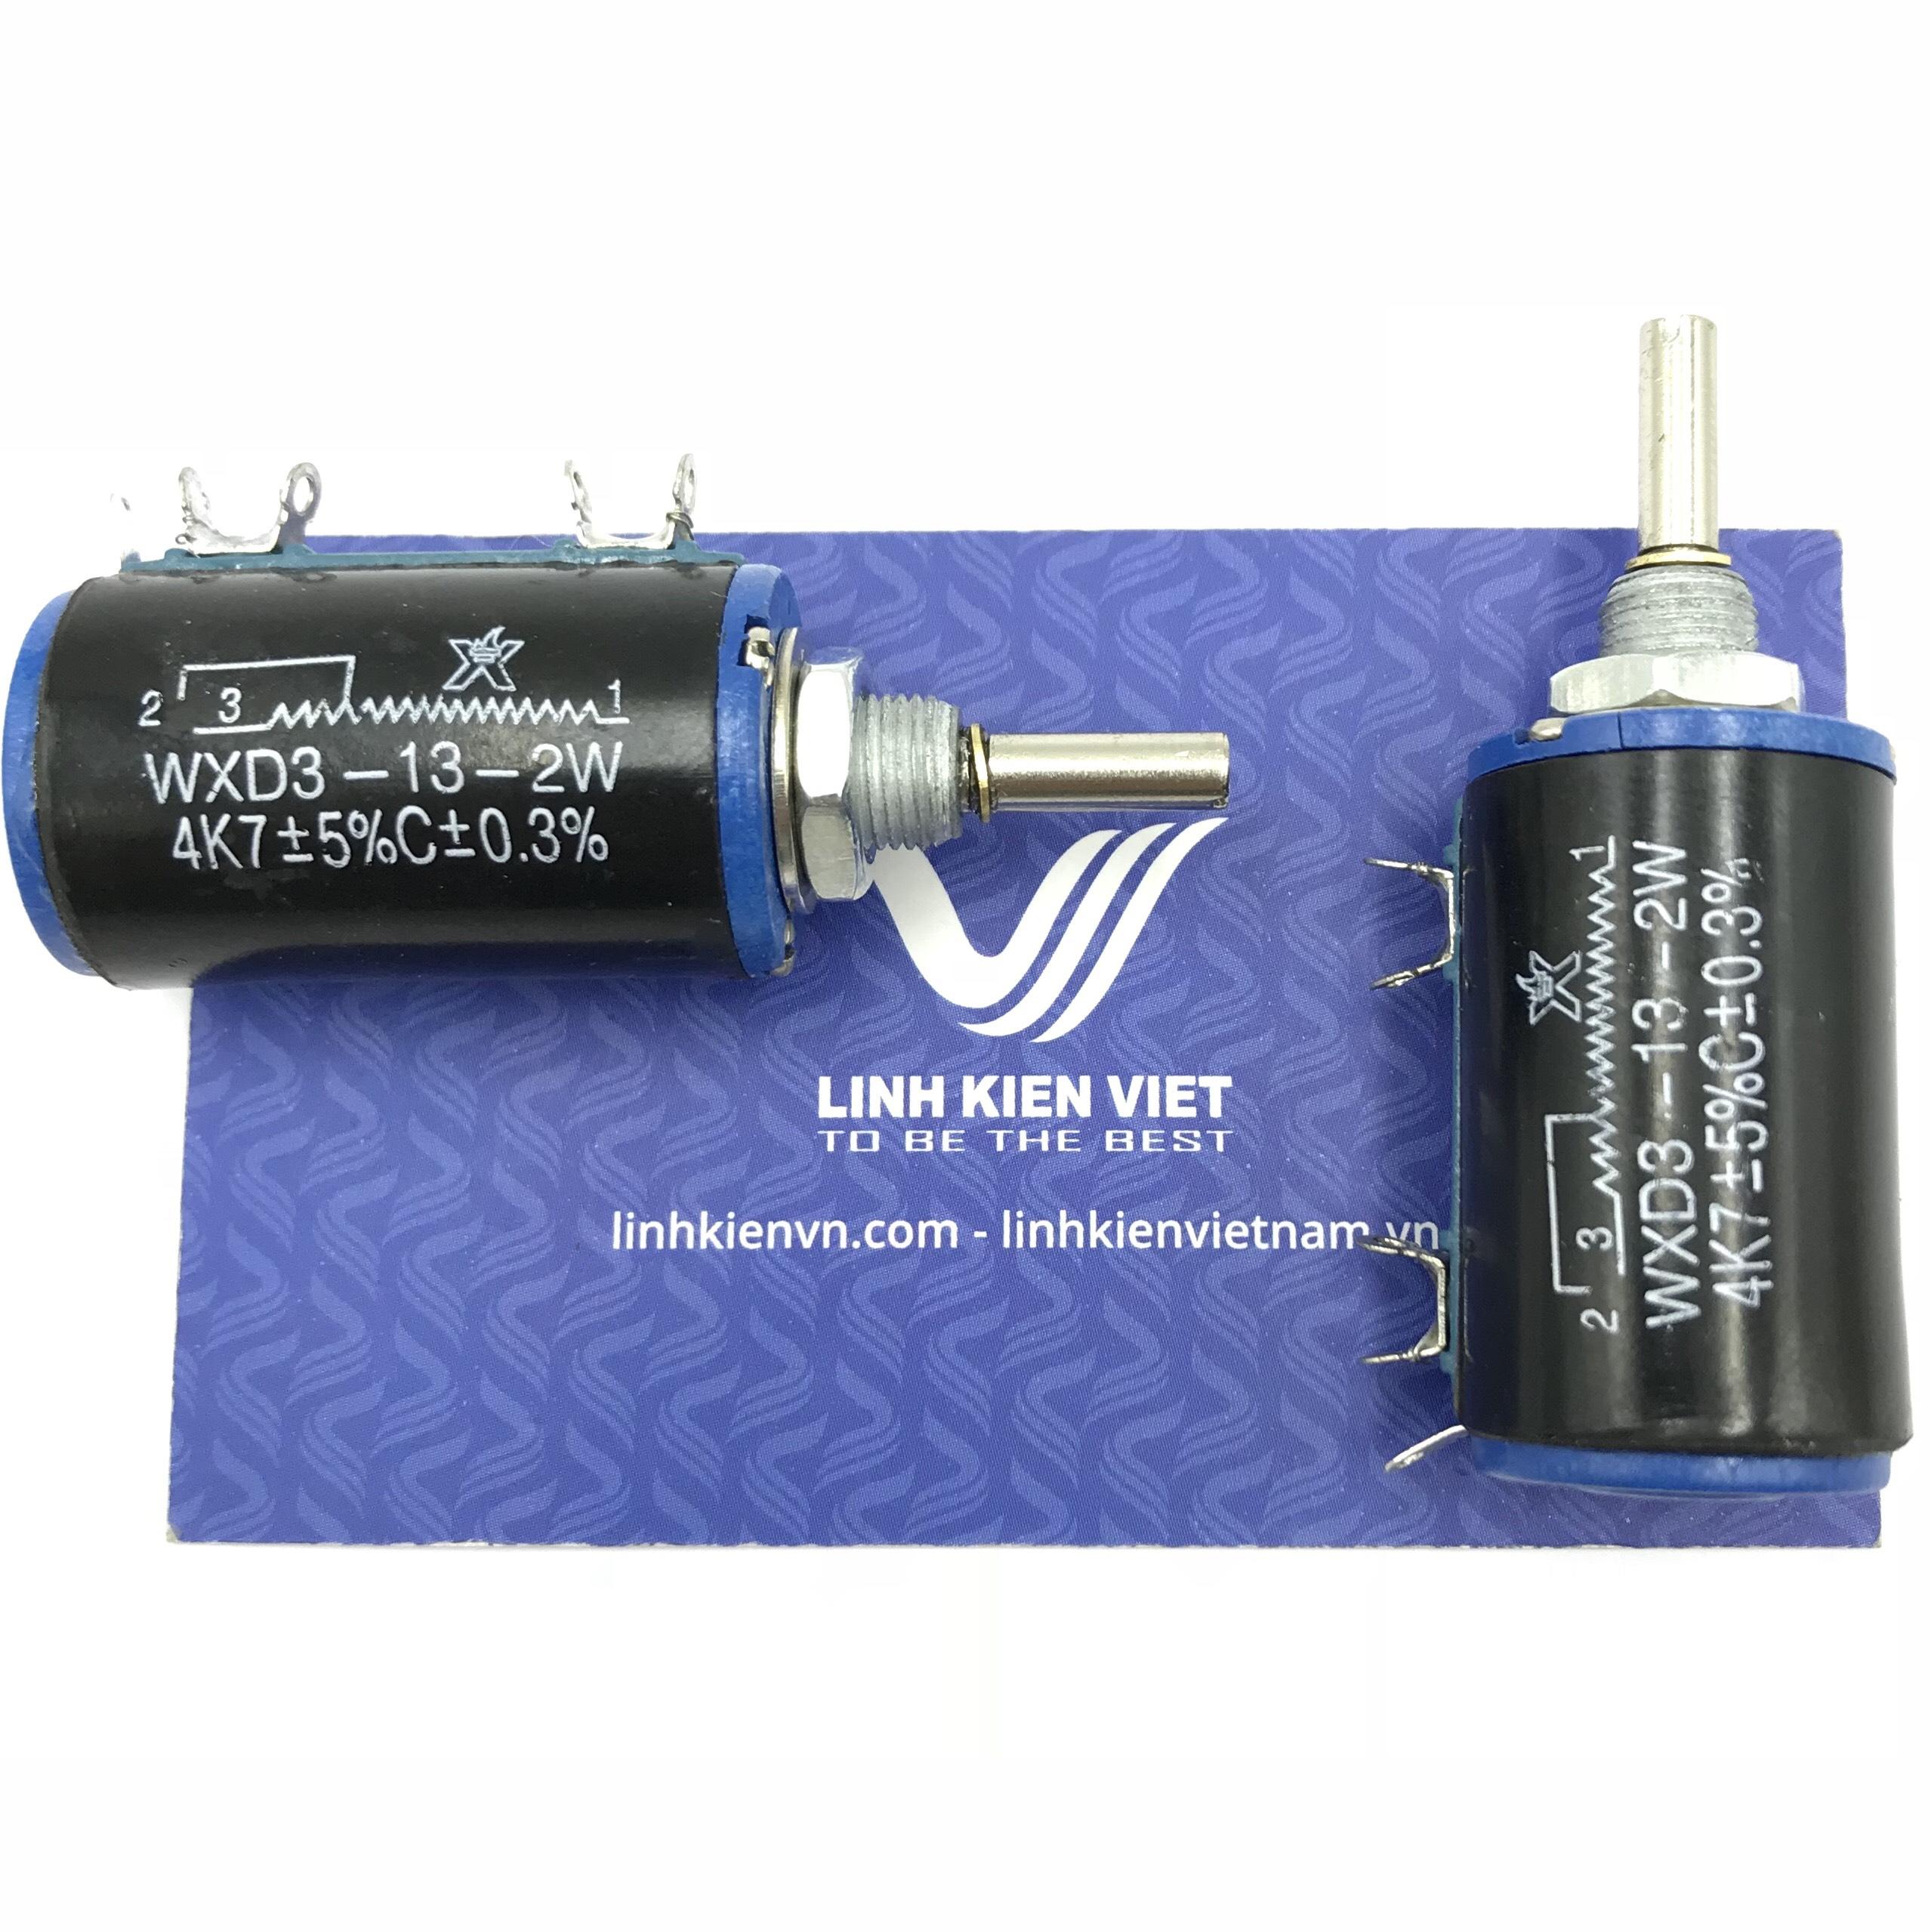 Chiết áp vi chỉnh 4K7 WXD3-13-2W / X2H16